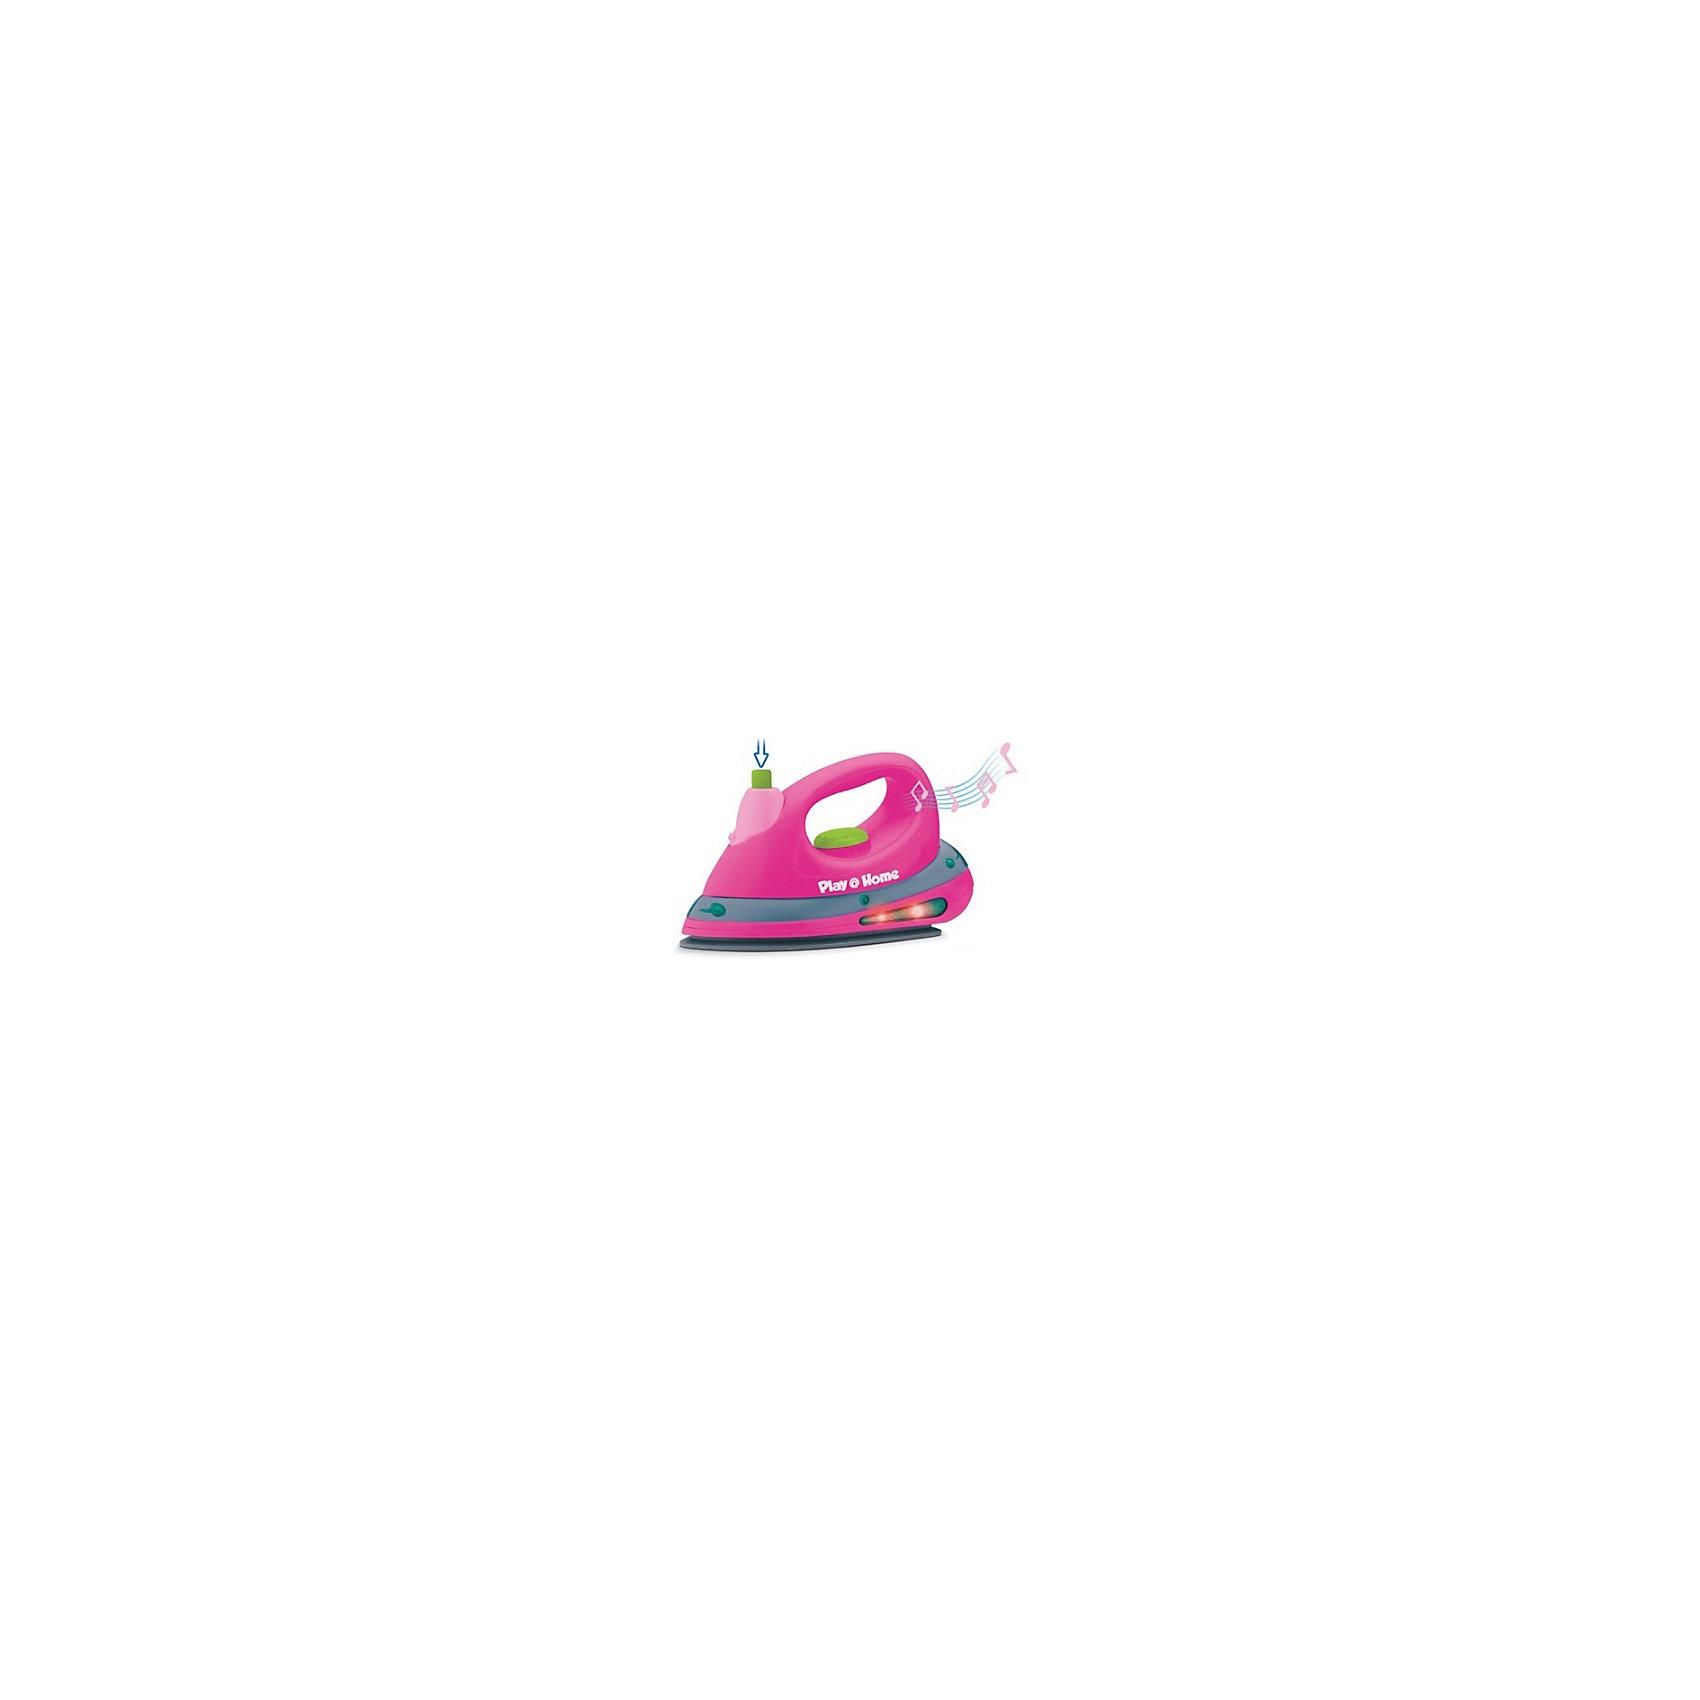 Утюг (звук, свет), KeenwayИгрушечная бытовая техника<br>Девочки всегда стараются поражать мамам, поэтому утюг Keenway - отличный подарок ребенку. Это красочная игрушка, которая обязательно понравится девочке. Она выполнена в виде яркого утюга со звуковыми и световыми эффектами! Прибор максимально похож на настоящий - имеет регулятор температуры, кнопку для выпускания пара, а на гладящей поверхности расположены дырочки. Если нажать на кнопочку в верхней части утюга, то загорятся лампочки и заиграет веселая песенка. <br>Игрушка по габаритам идеально подходит для маленьких ручек малыша. Весит совсем немного. Такие игрушки помогают развить мелкую моторику, логическое мышление и воображение ребенка. Эта игрушка выполнена из высококачественного прочного пластика, безопасного для детей.<br>  <br>Дополнительная информация:<br><br>цвет: разноцветный;<br>материал: пластик;<br>размер упаковки: 25х11х14 см;<br>батарейки: 2ХхАА, в комплекте;<br>вес: 350 г.<br><br>Утюг (звук, свет), от компании Keenway можно купить в нашем магазине.<br><br>Ширина мм: 140<br>Глубина мм: 190<br>Высота мм: 170<br>Вес г: 5800<br>Возраст от месяцев: 36<br>Возраст до месяцев: 120<br>Пол: Женский<br>Возраст: Детский<br>SKU: 4810968